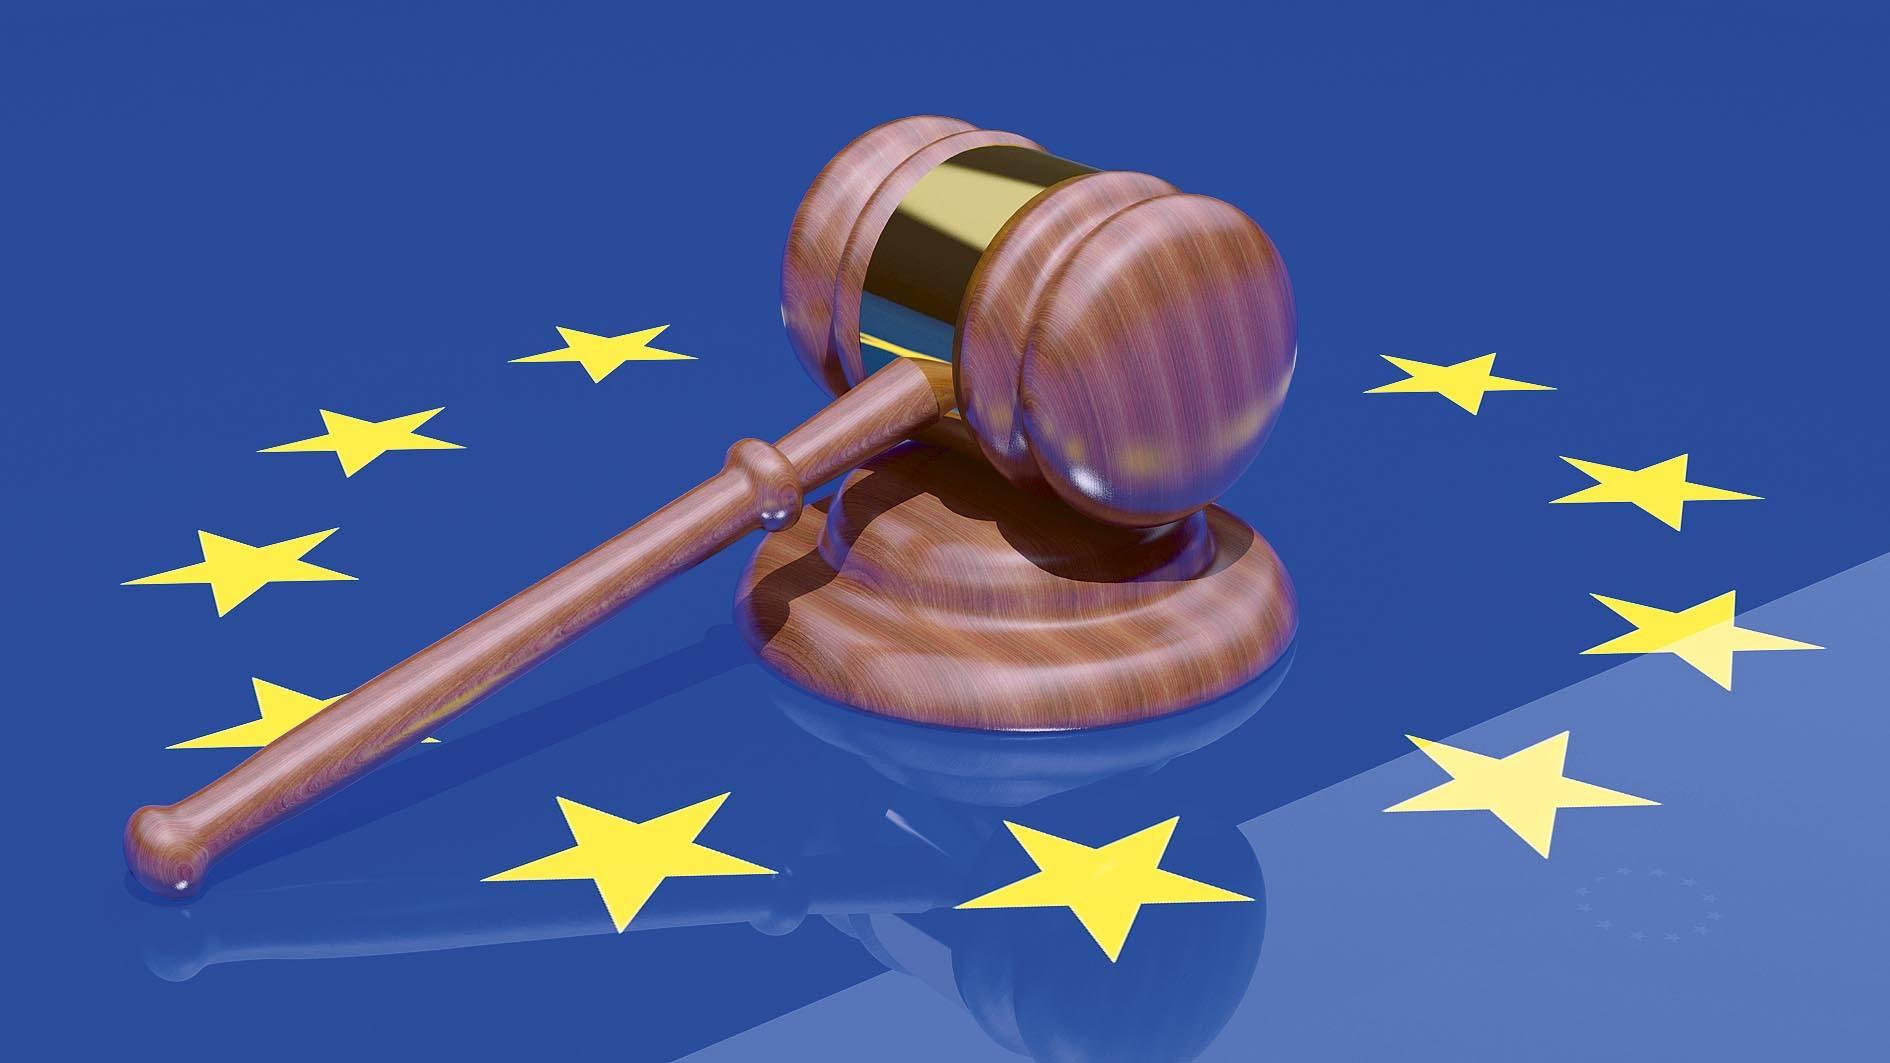 26_eu_law_shutterstock_04_0493f4adb8